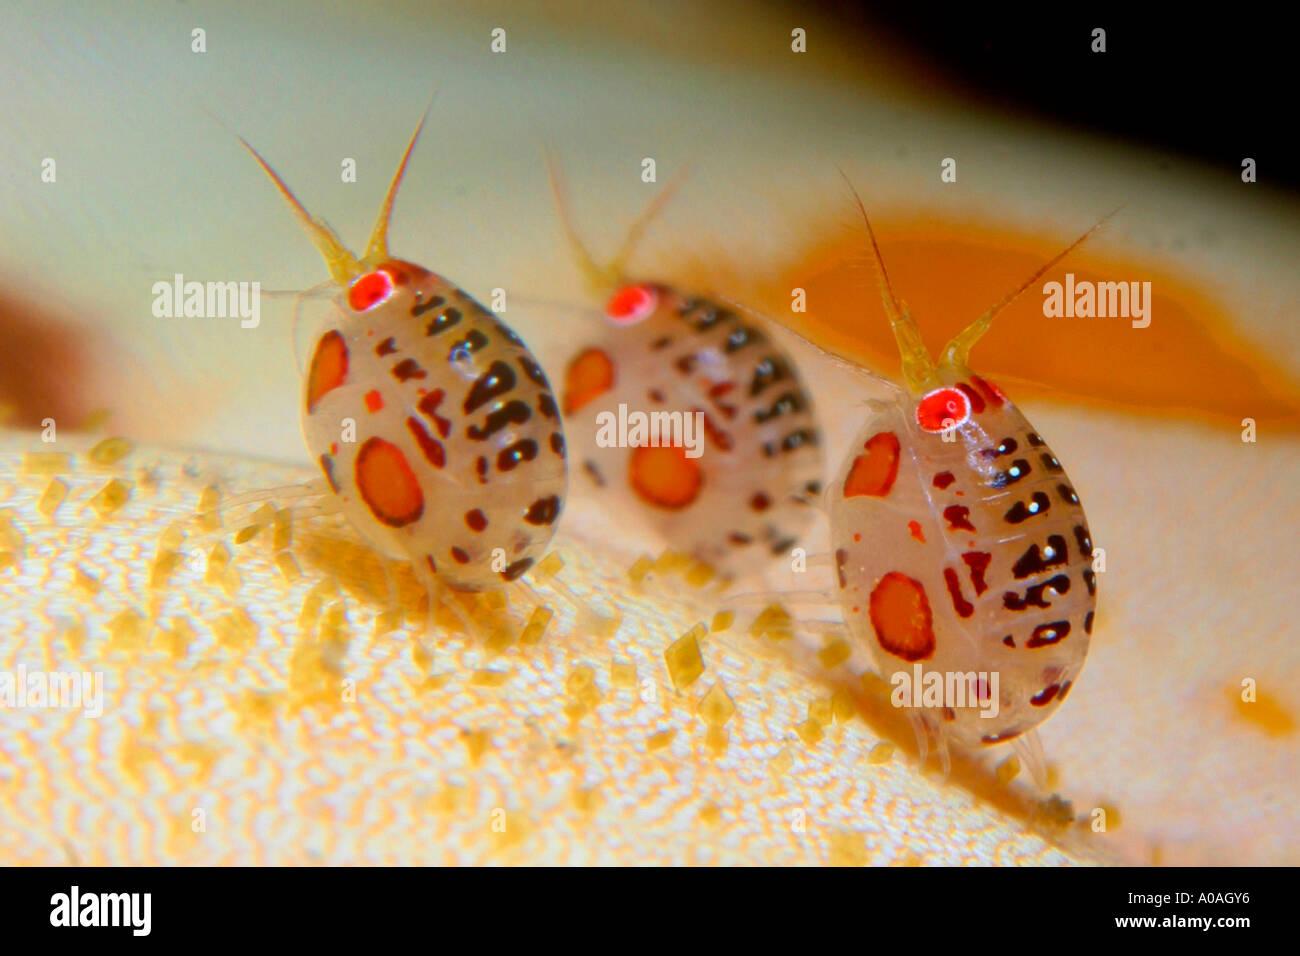 amphipods resembling ladybugs komodo island indonesia stock photo